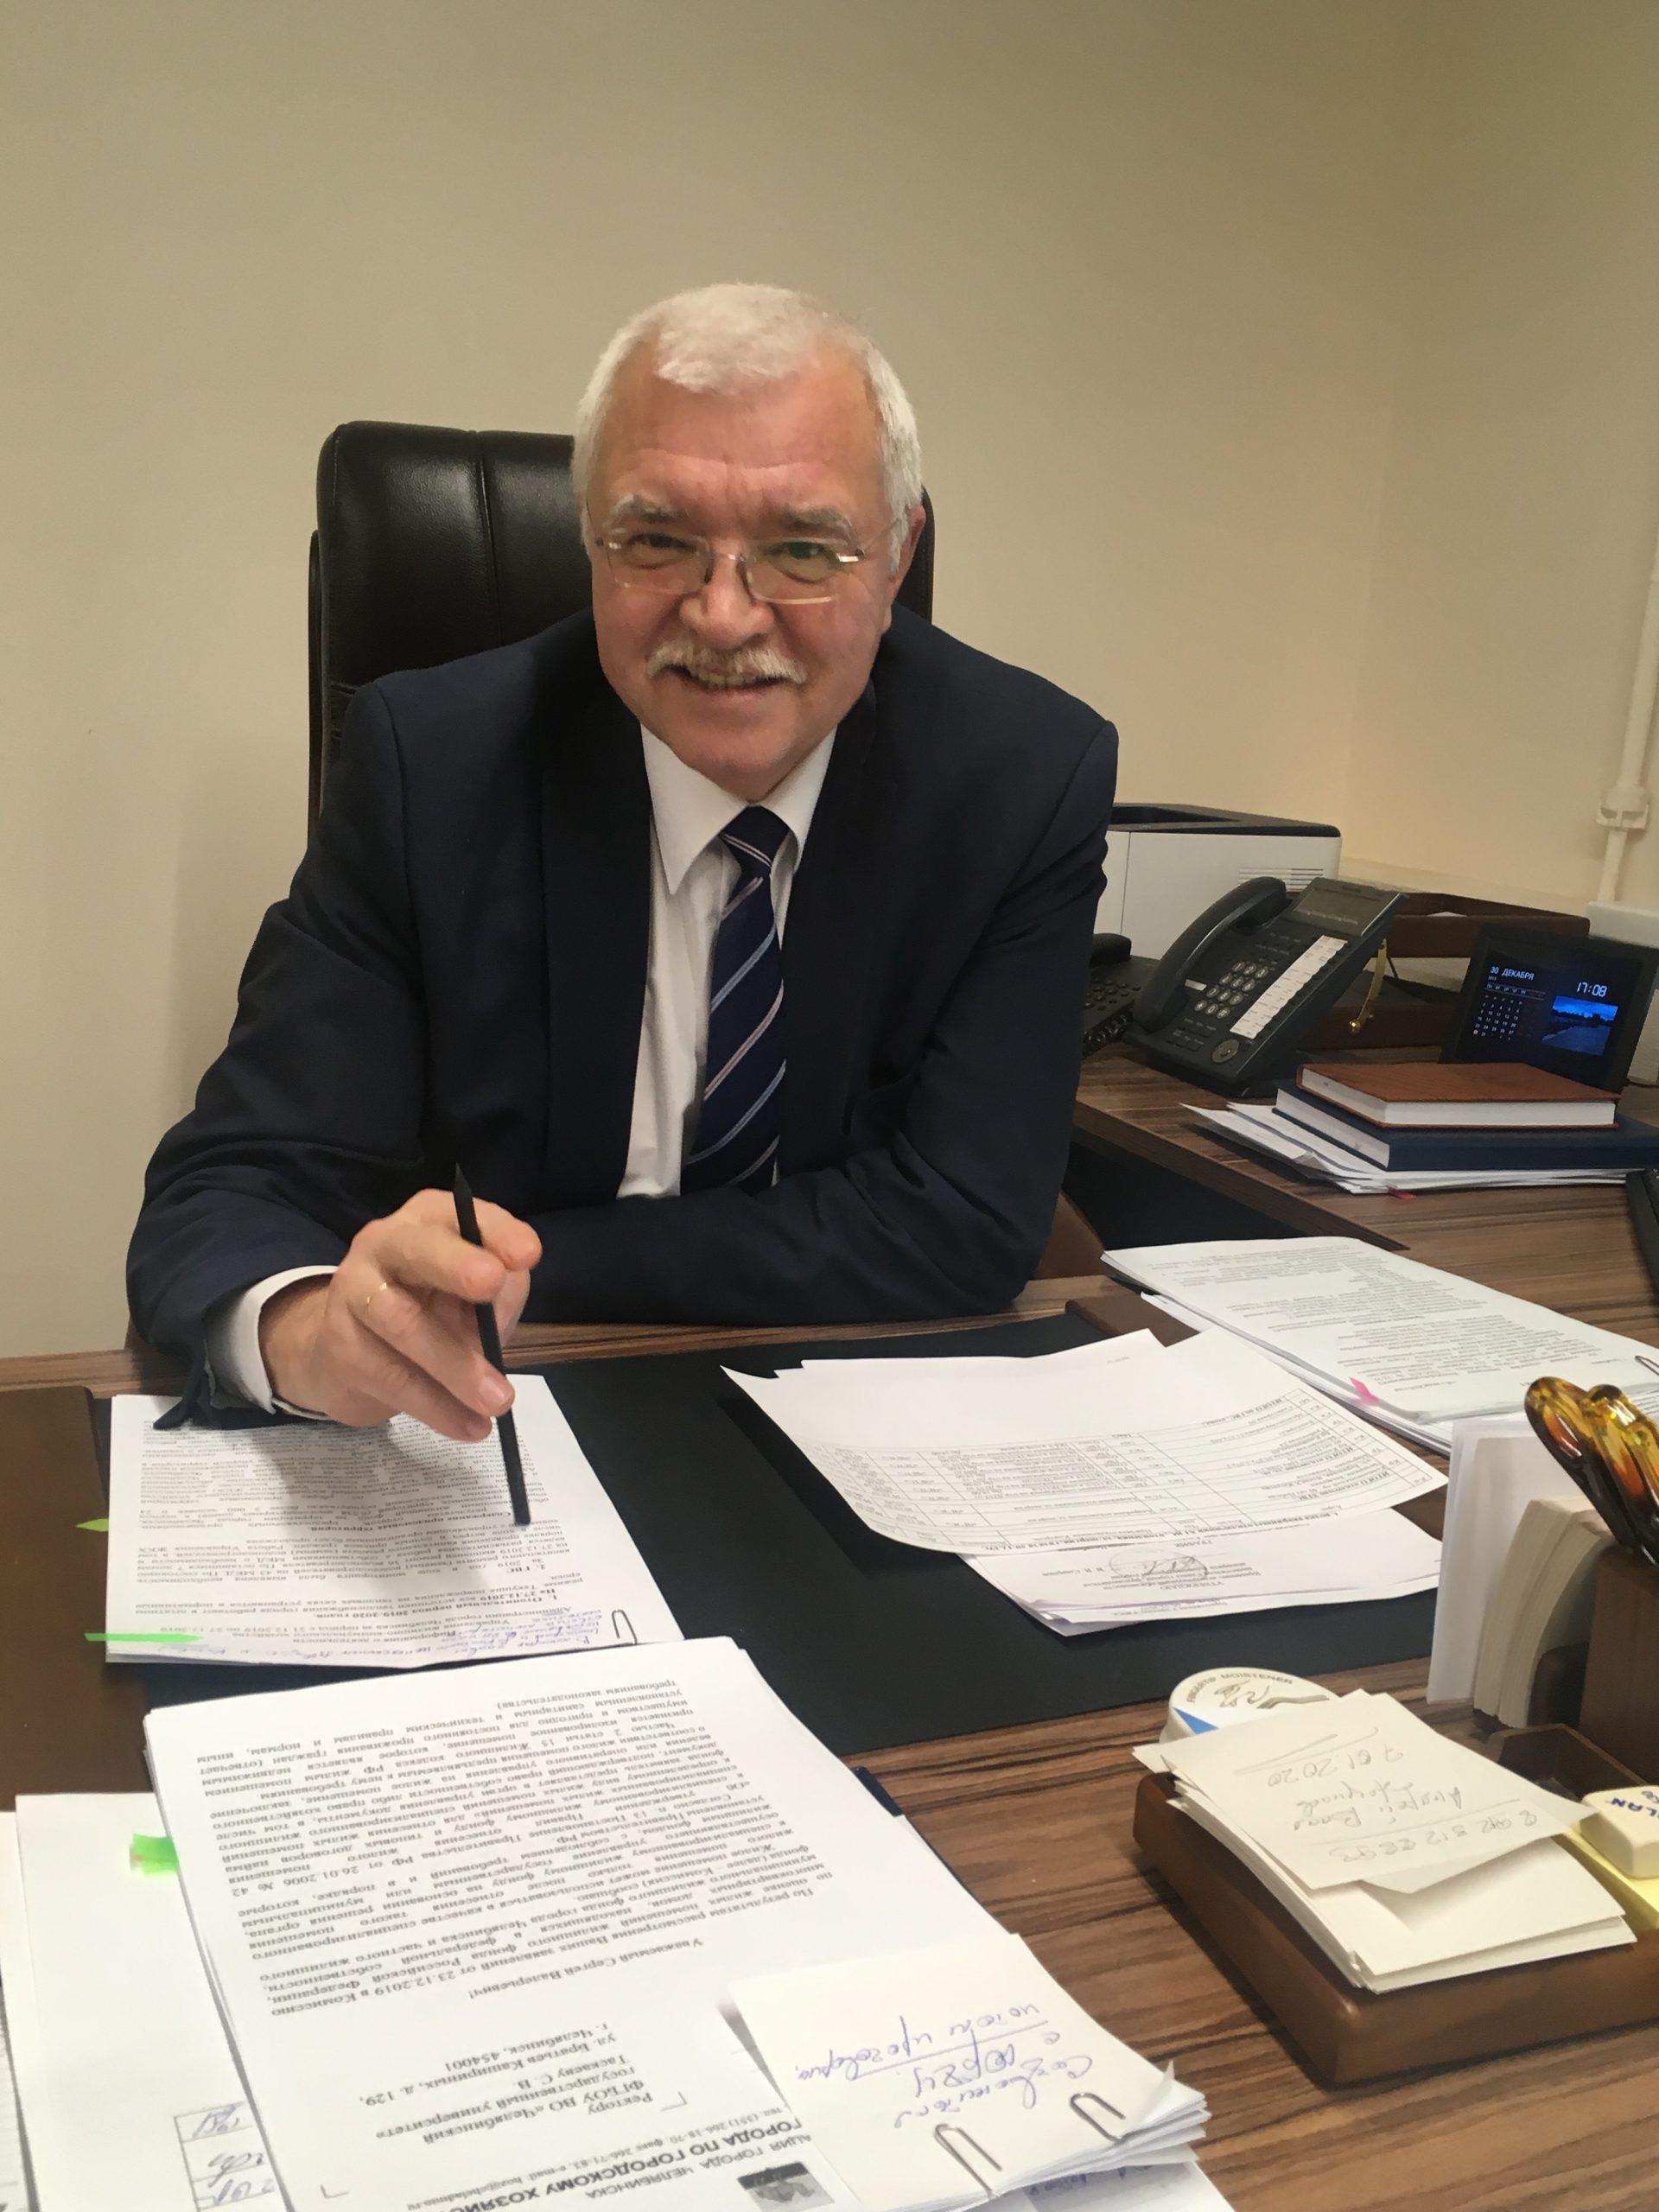 Начальник Управления ЖКХ Александр Кочерещенко поделился приоритетными направлениями работы в 2020 году